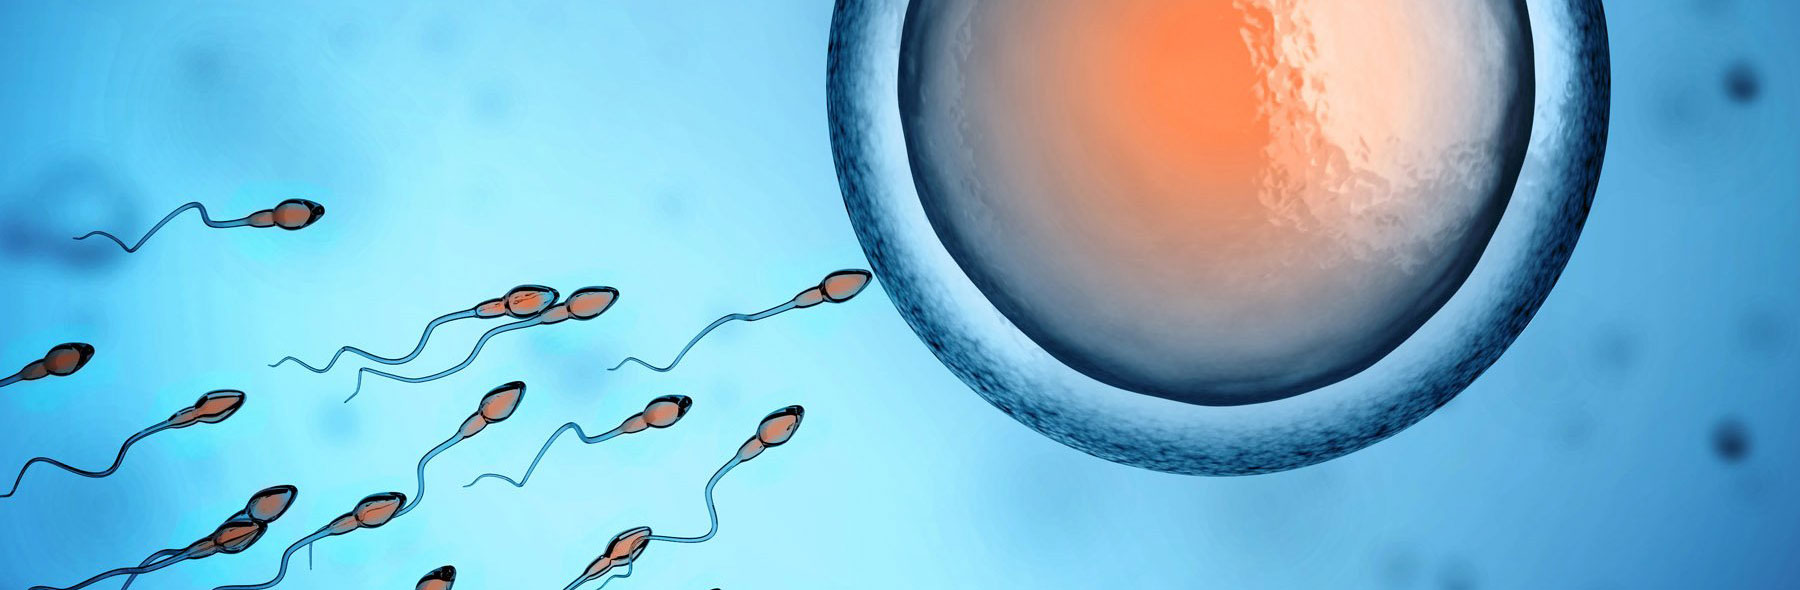 Донація яйцеклітин